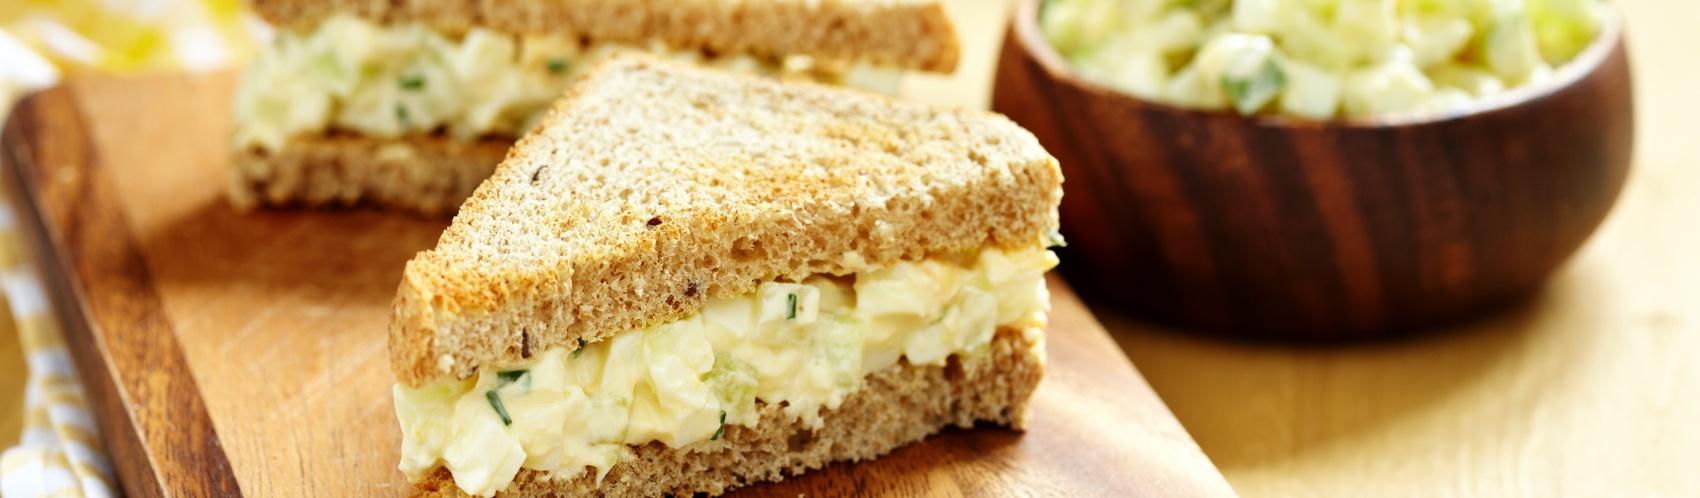 egg_sandwich_1700x498